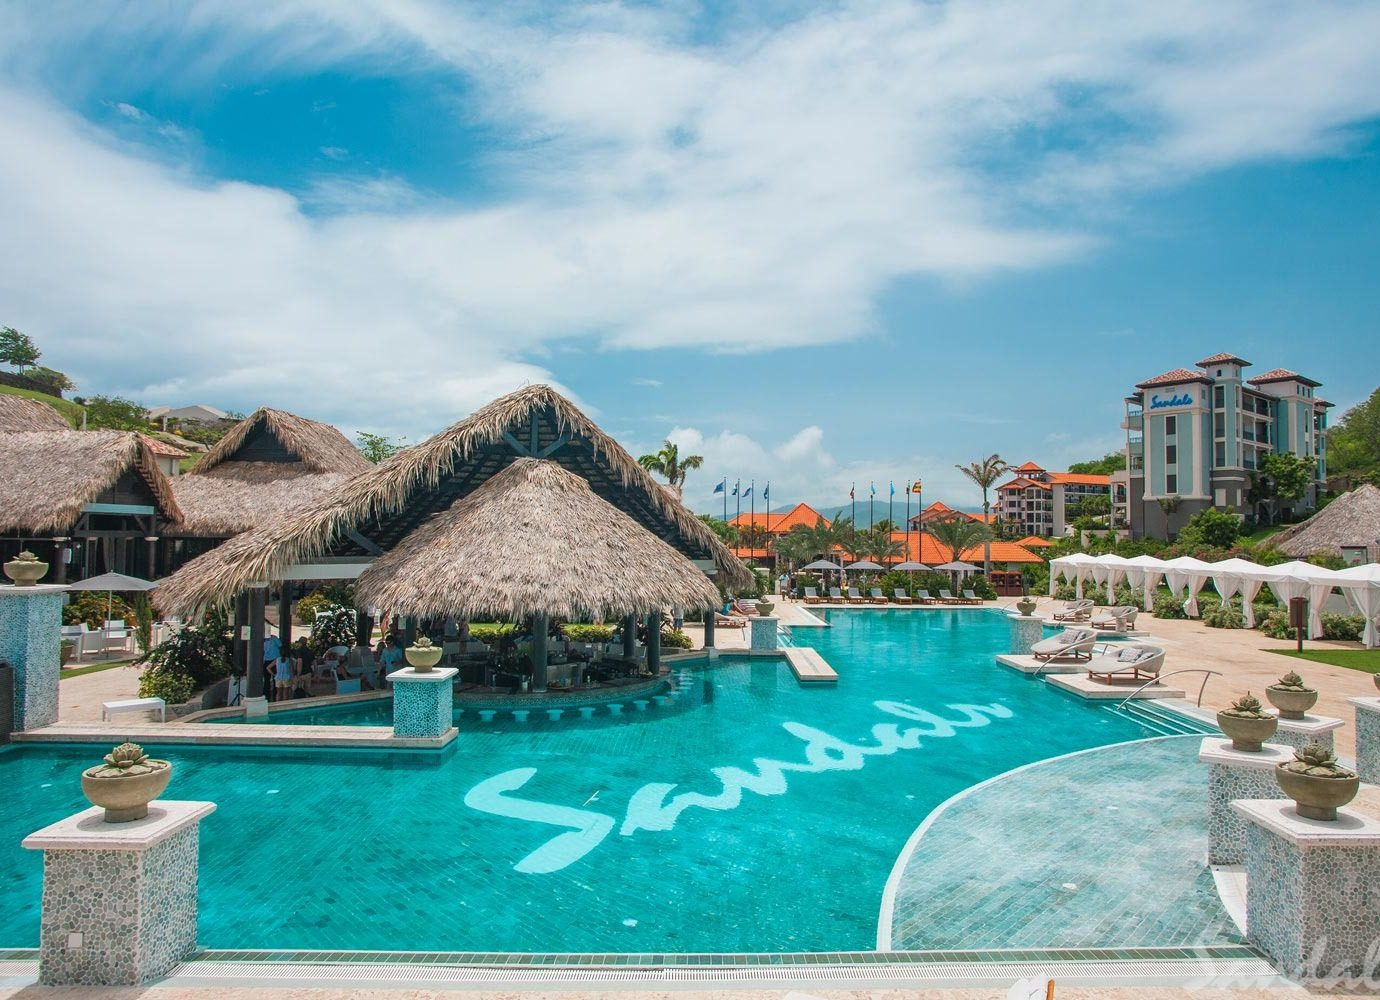 Pool at Sandals Grenada